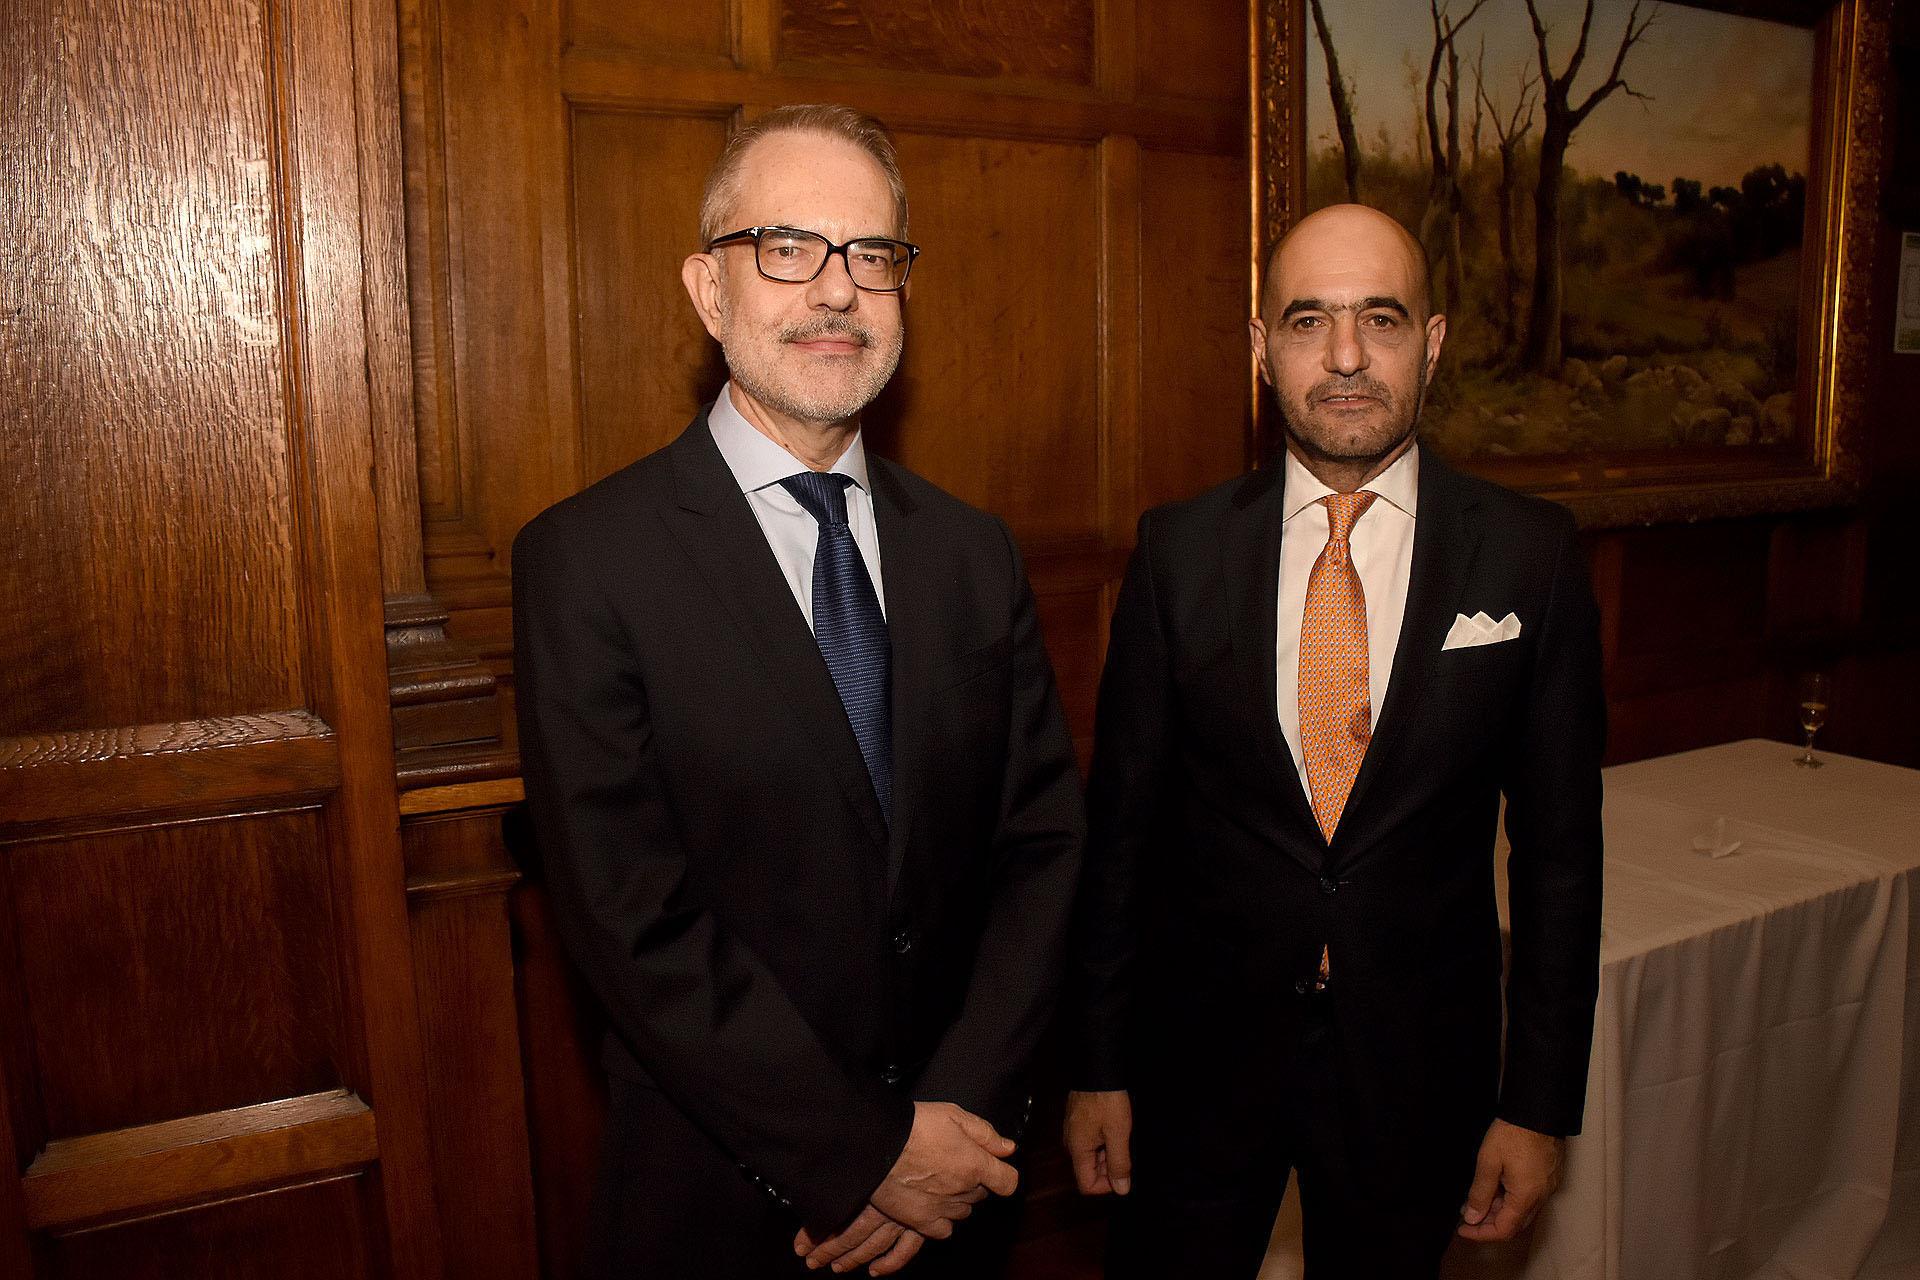 El embajador de Grecia en la Argentina, Dimitrios Zevelakis, y el vicecónsul de Gobierno españo, Walter D'aloia